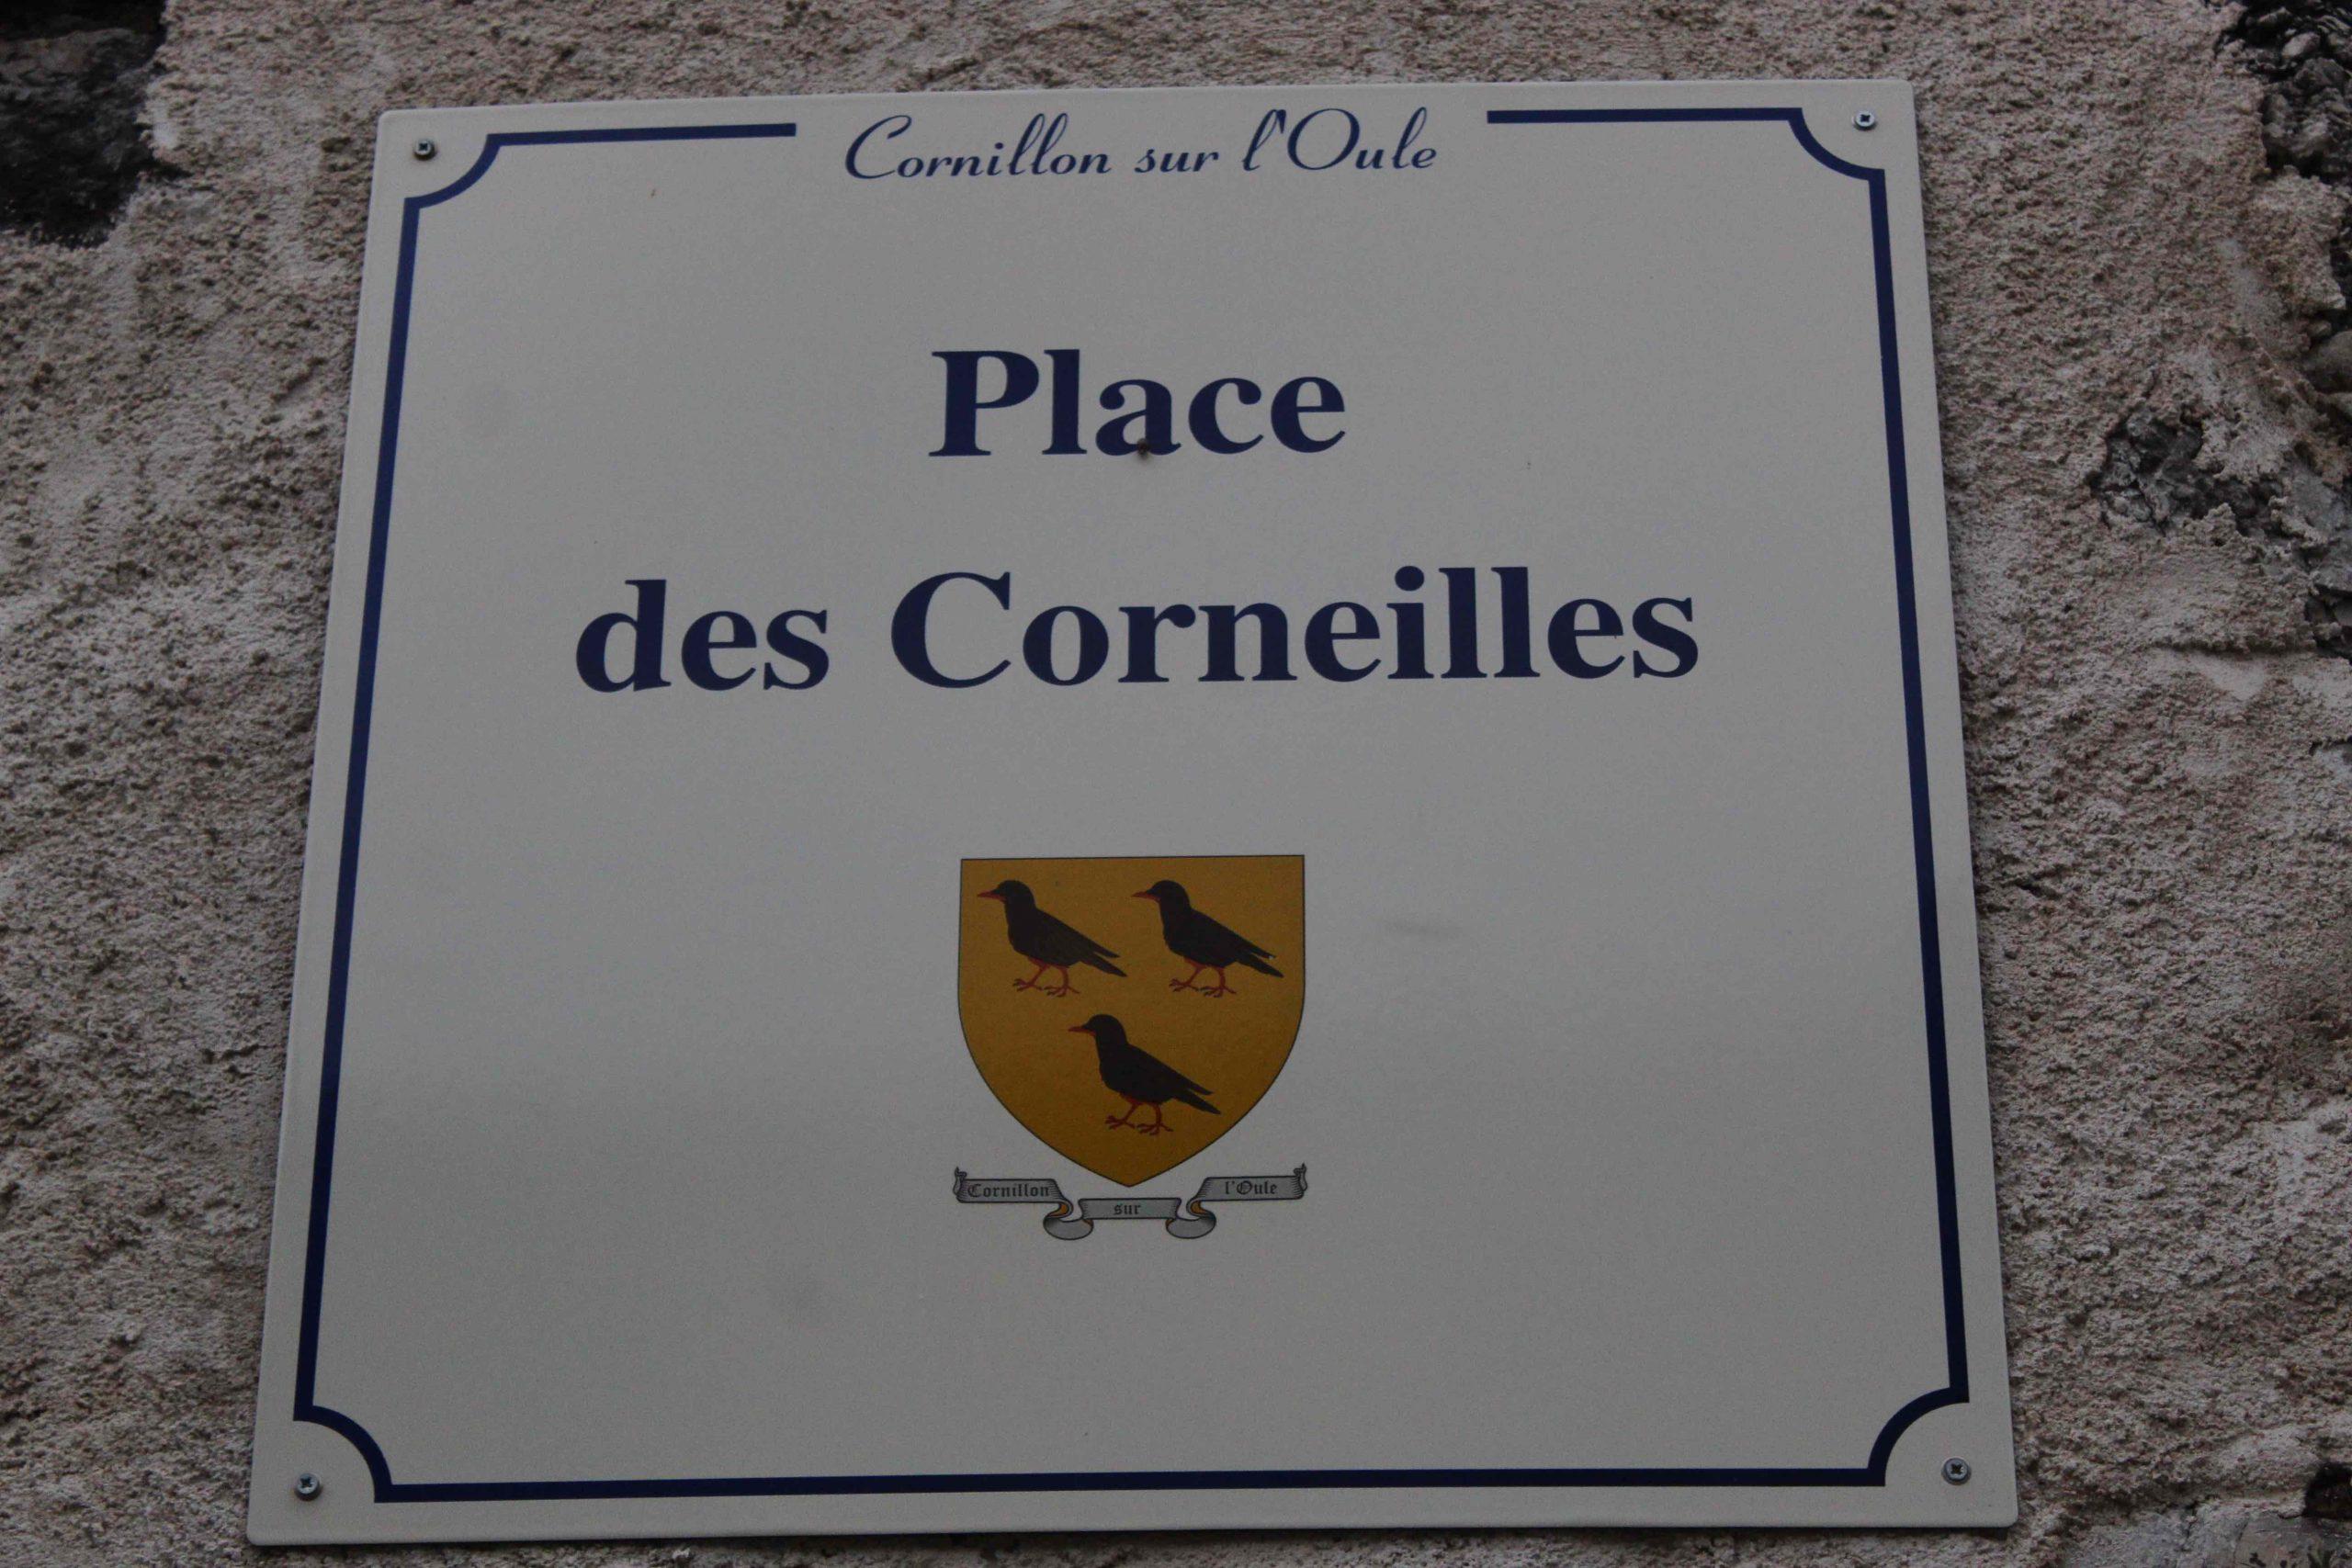 Cornillon sur l'Oule